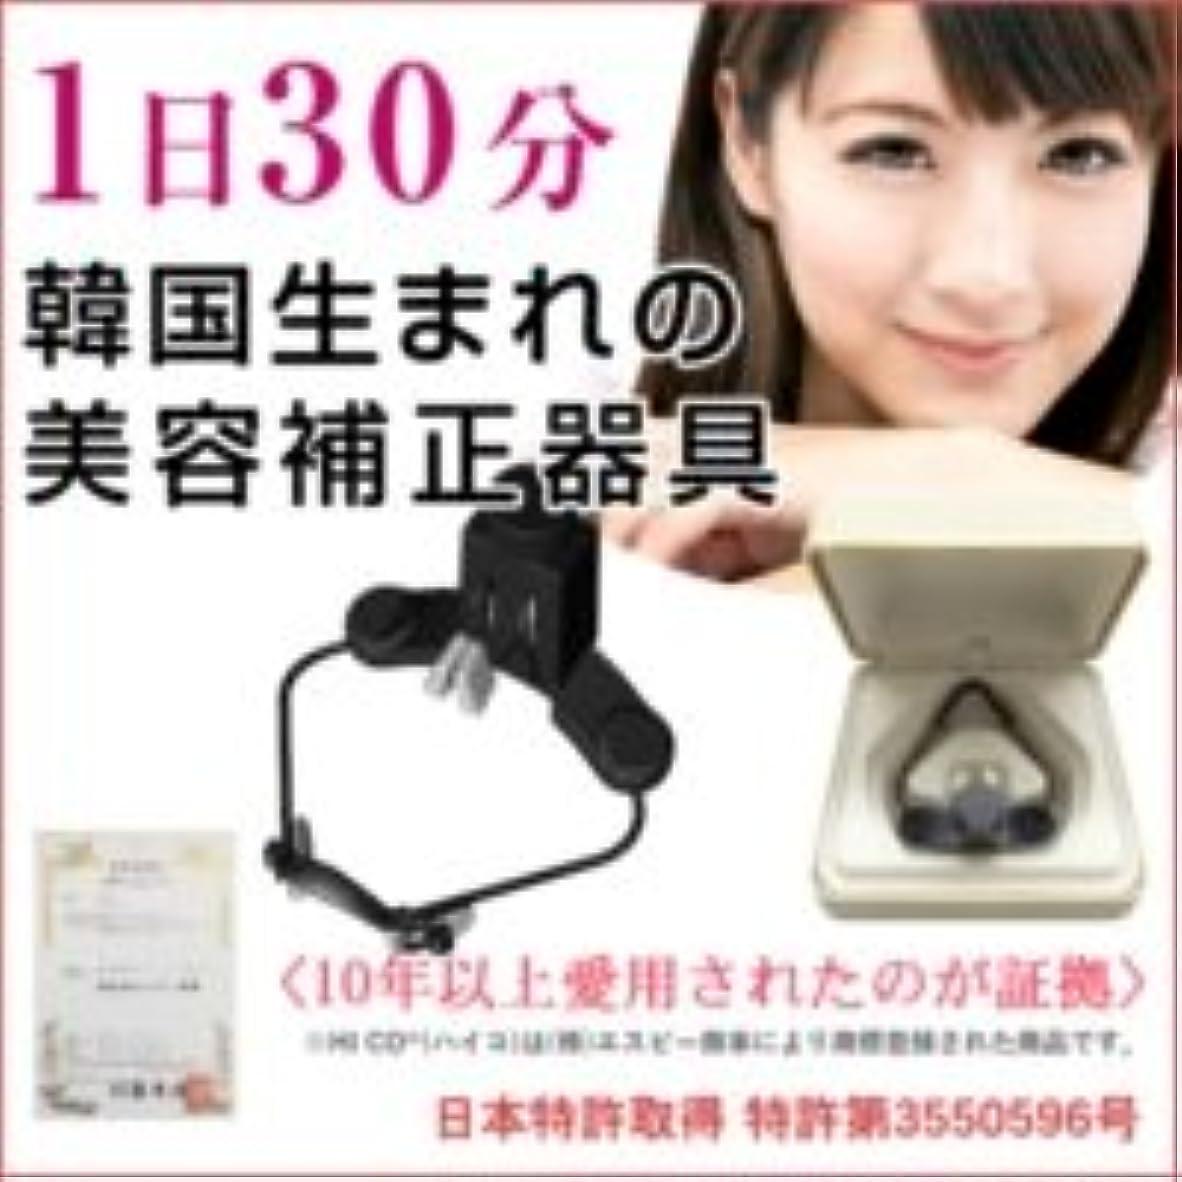 表示推測するダイバーHICO 美鼻補正器具